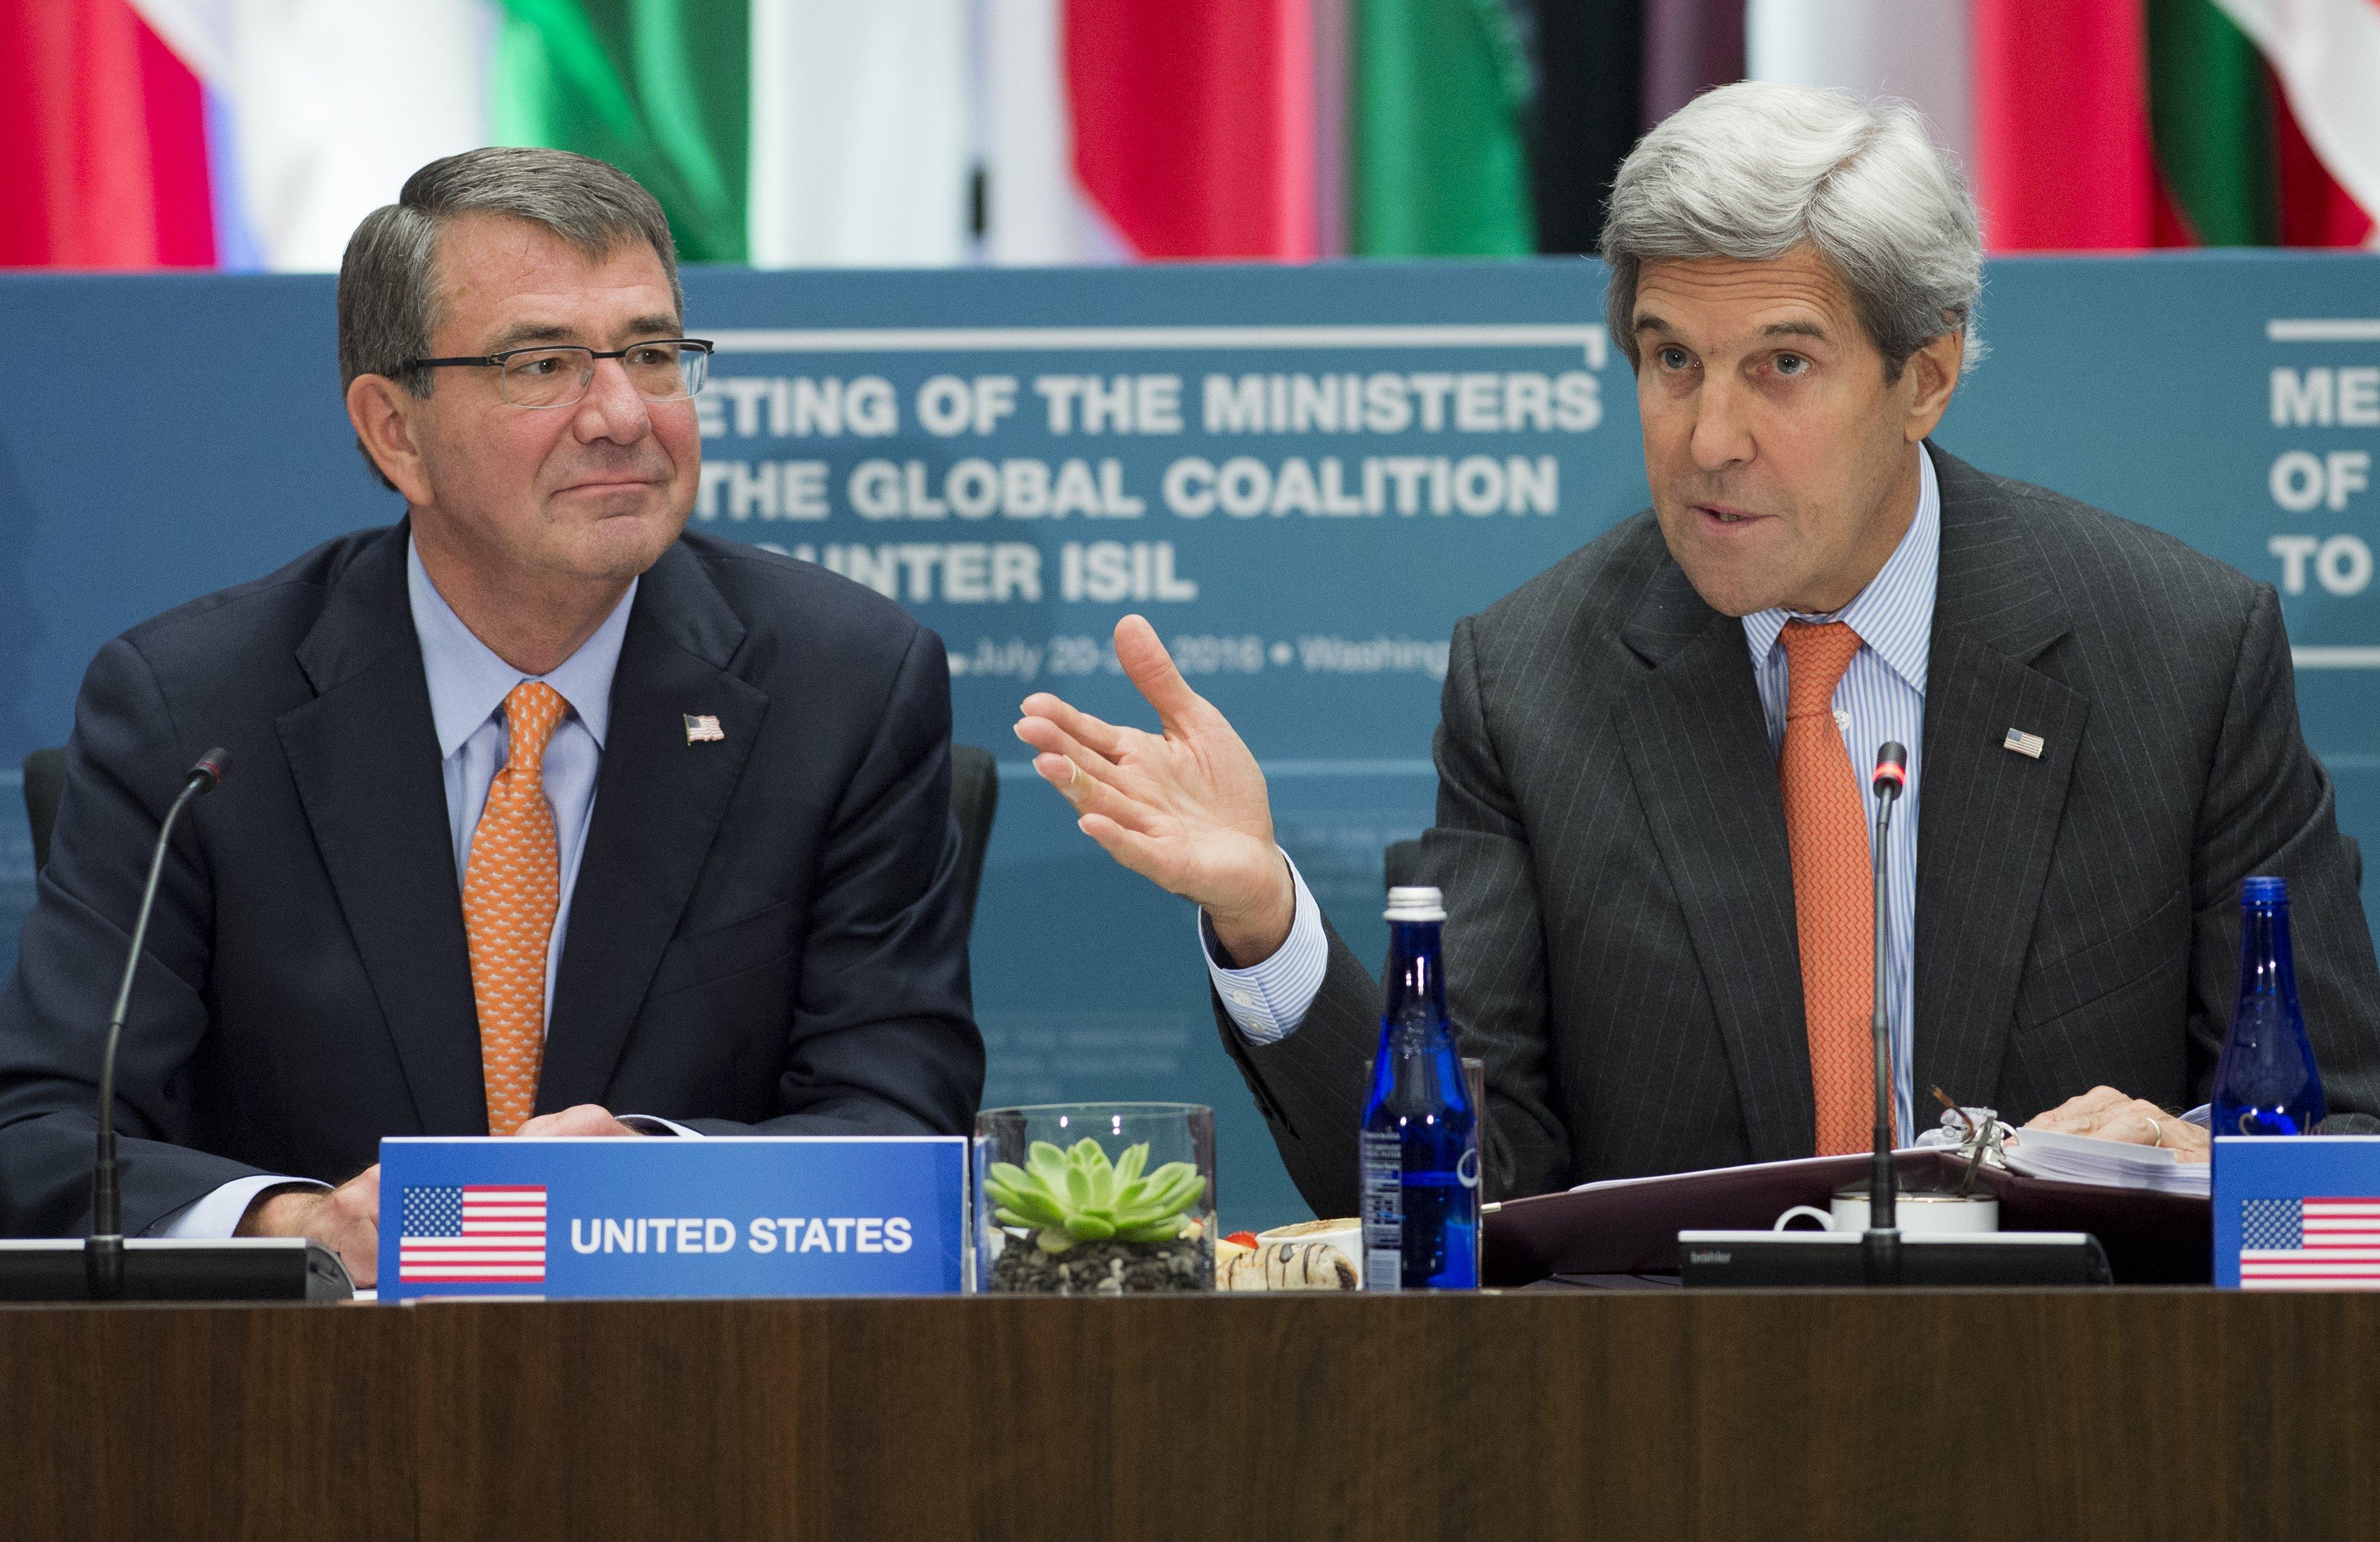 كيري وكارتر خلال الاجتماع الوزاري للدول المشاركة في التحالف ضد داعش في واشنطن